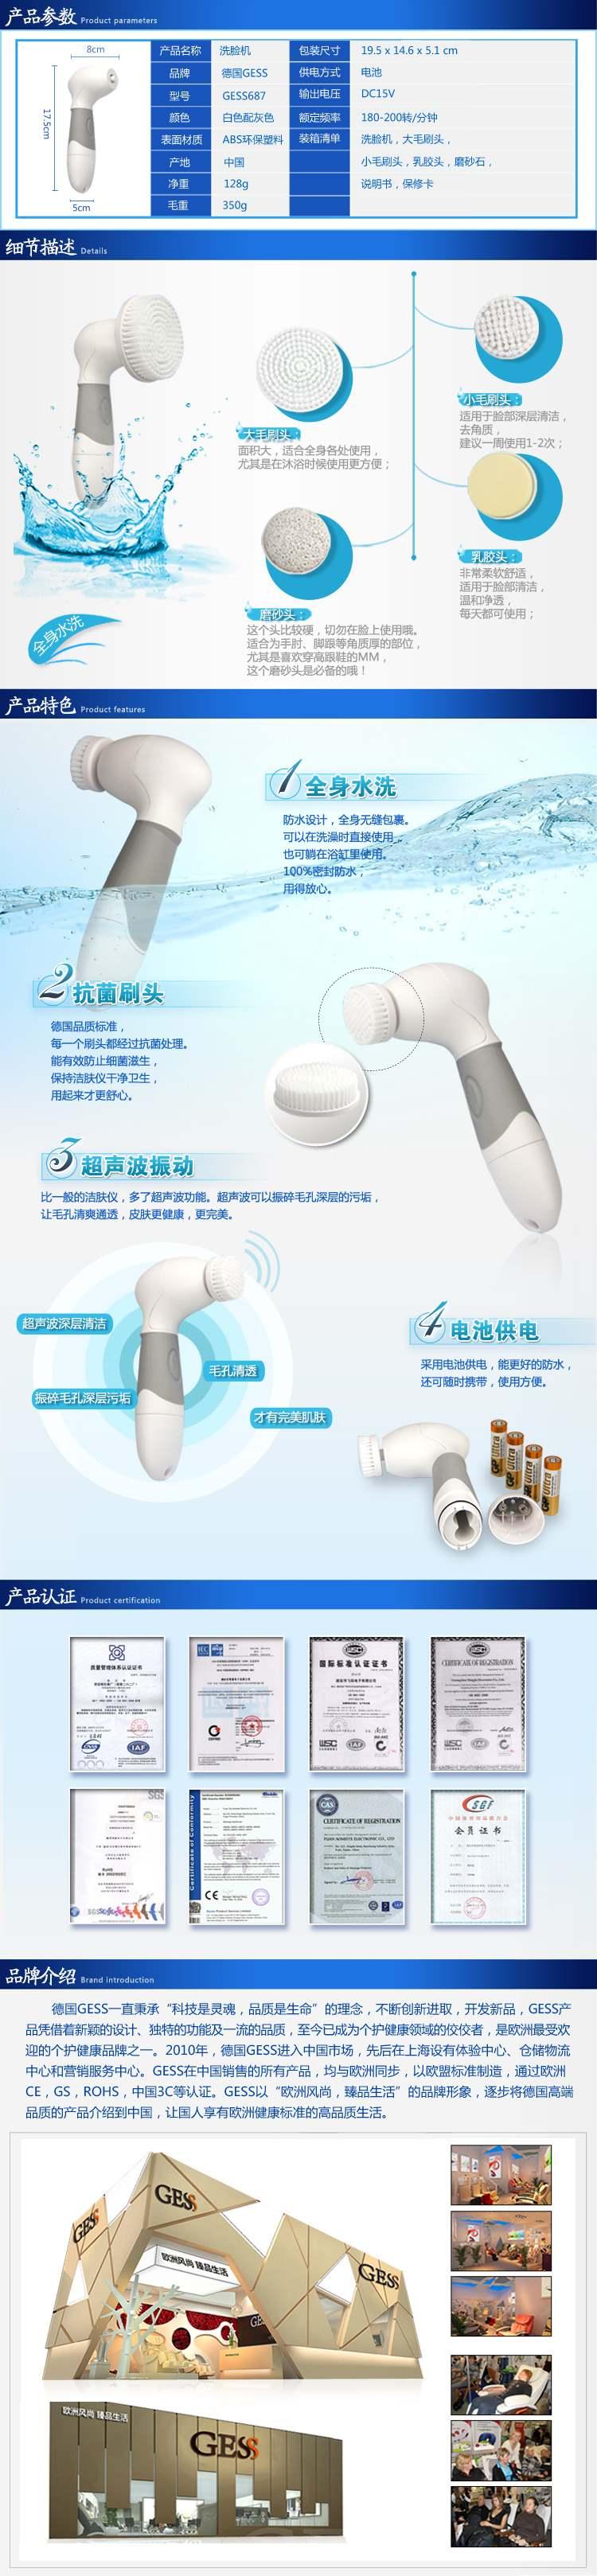 防水型洁面仪